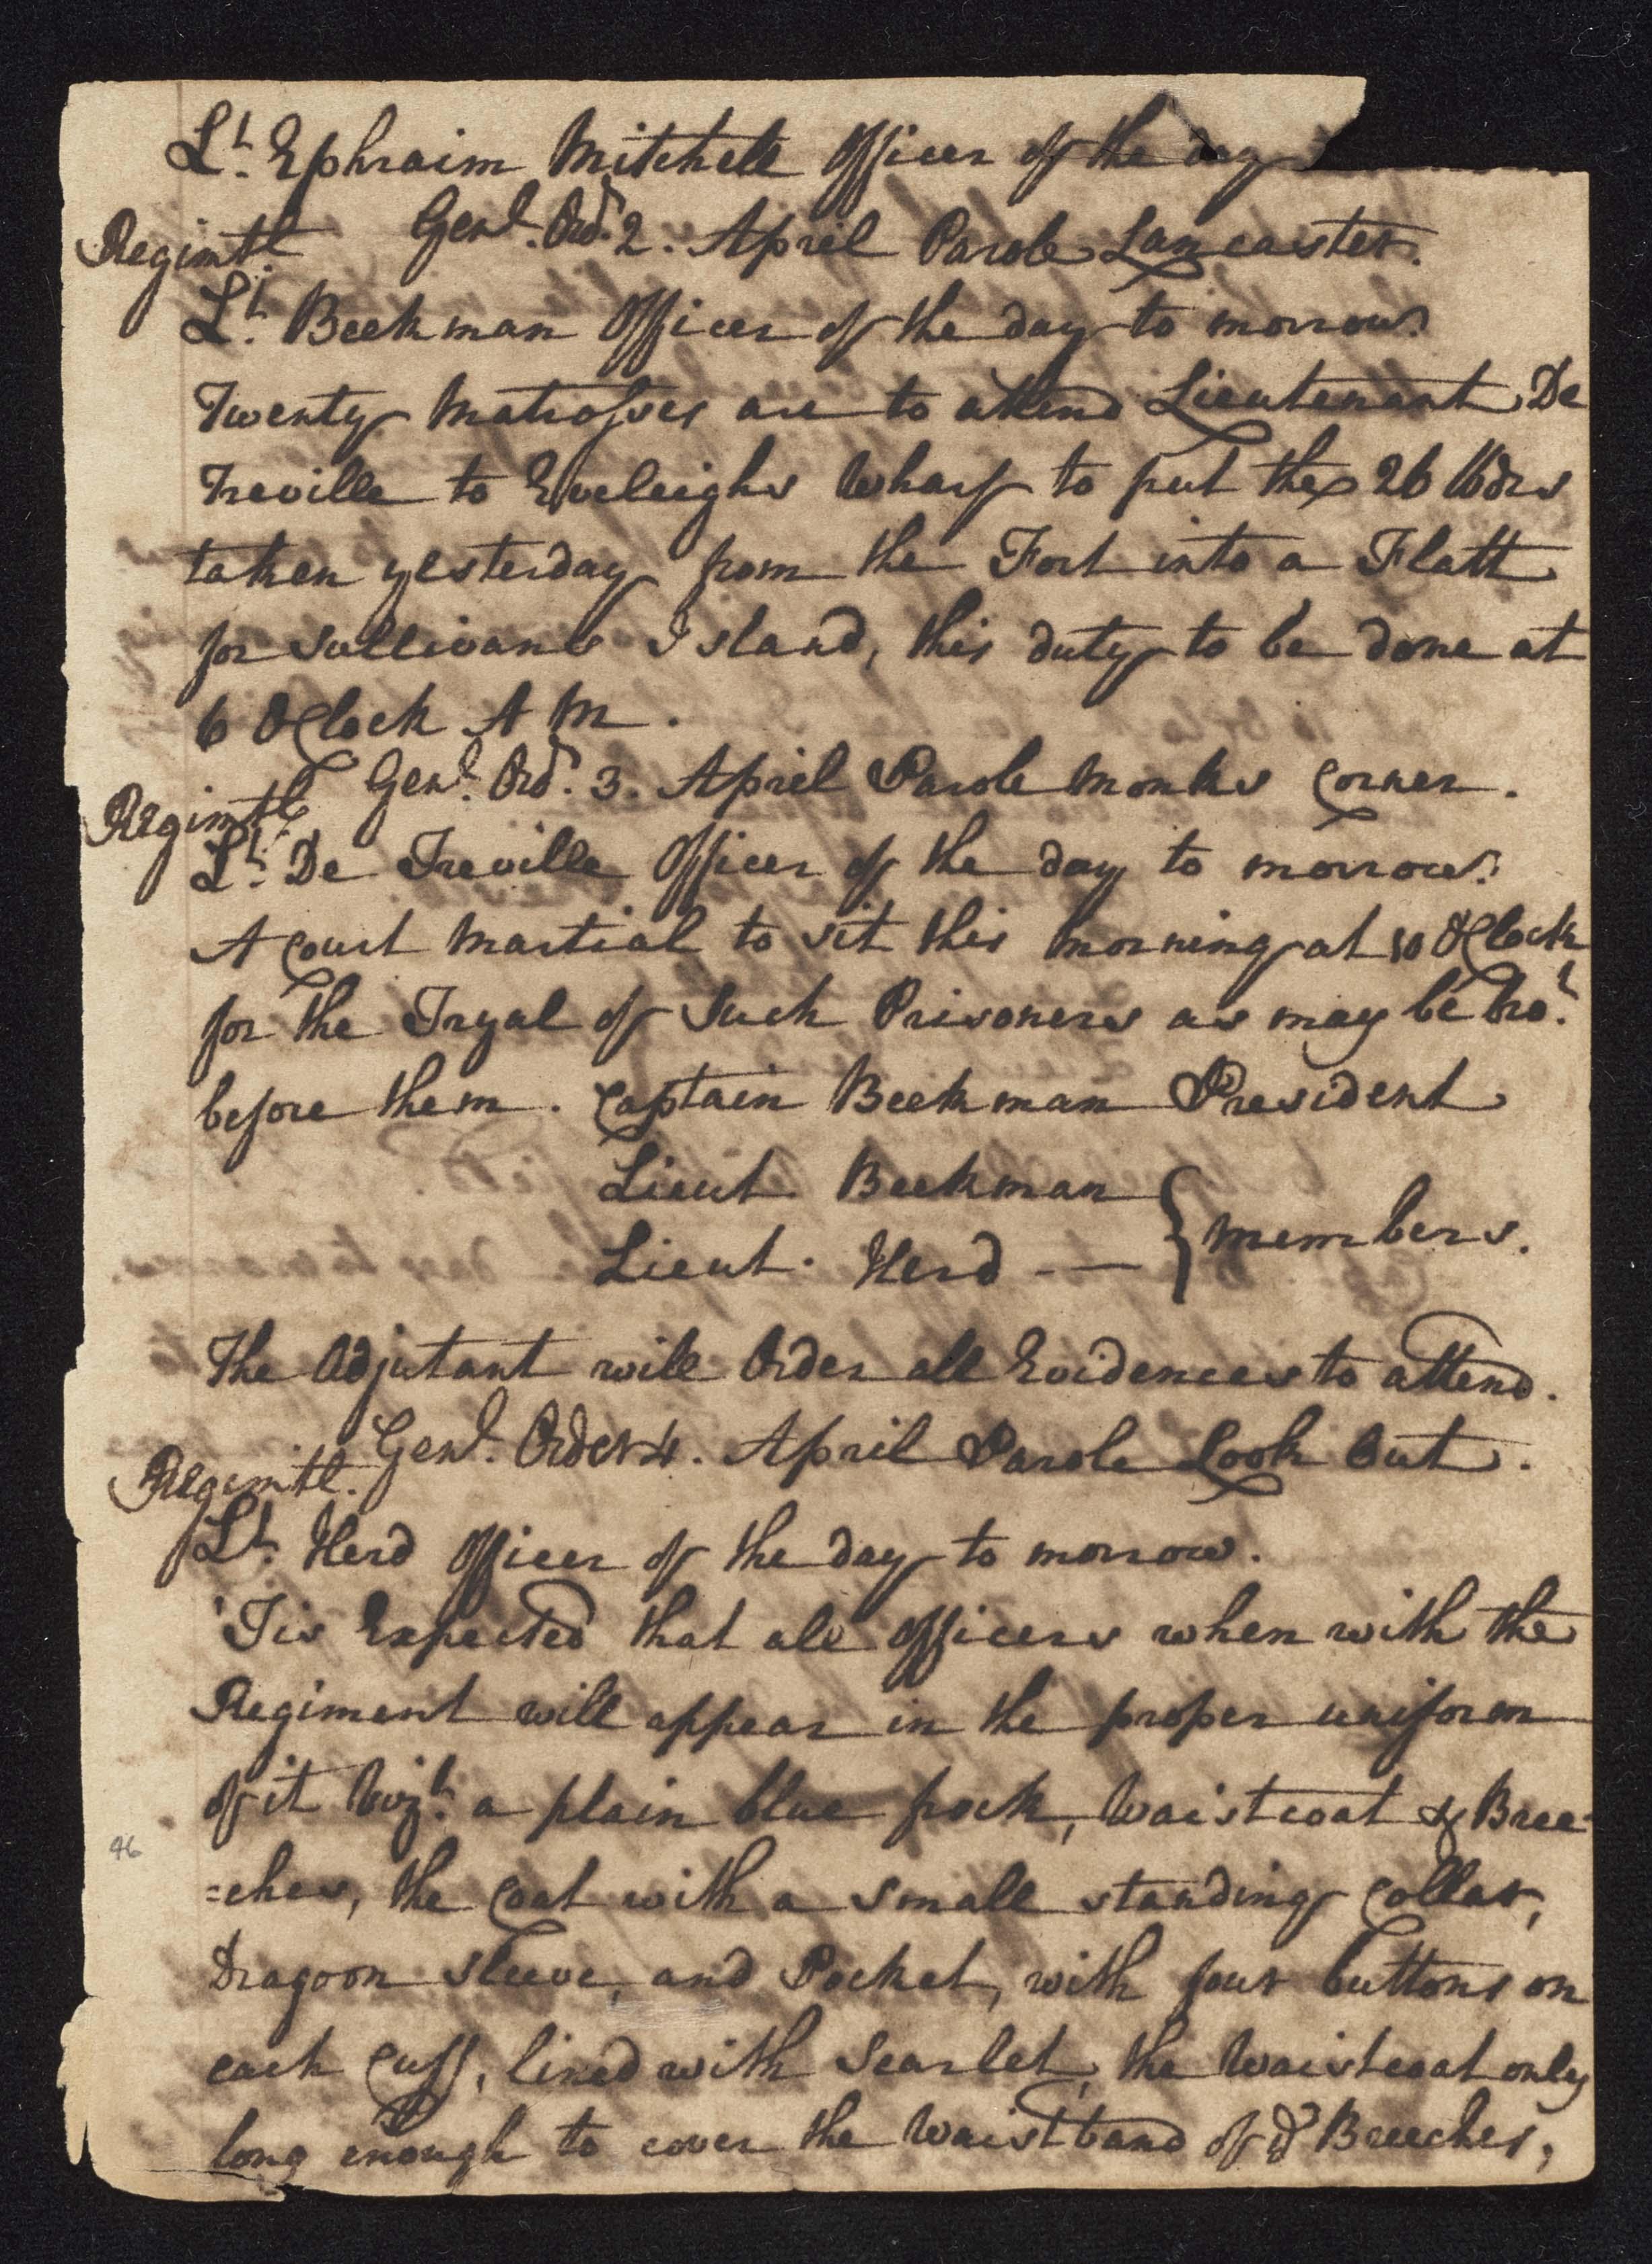 South Carolina Regiment Order Book, Page 91